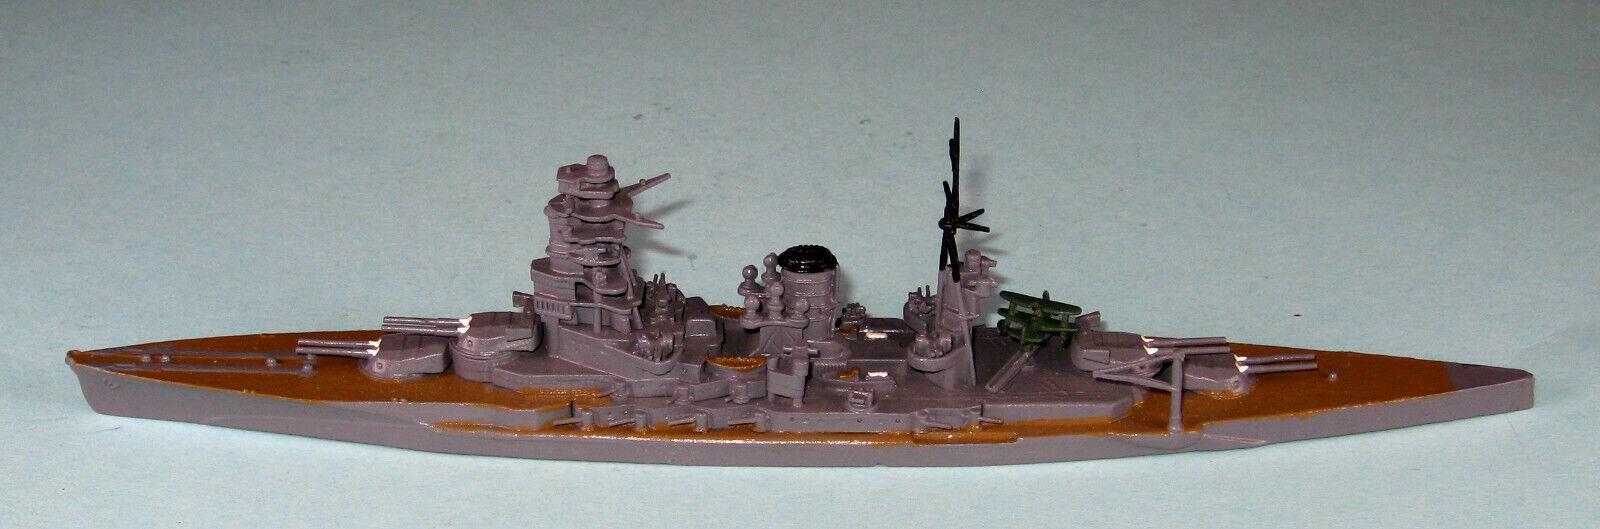 J Battleship Mutsu, Konishi, Metal, 1 1250